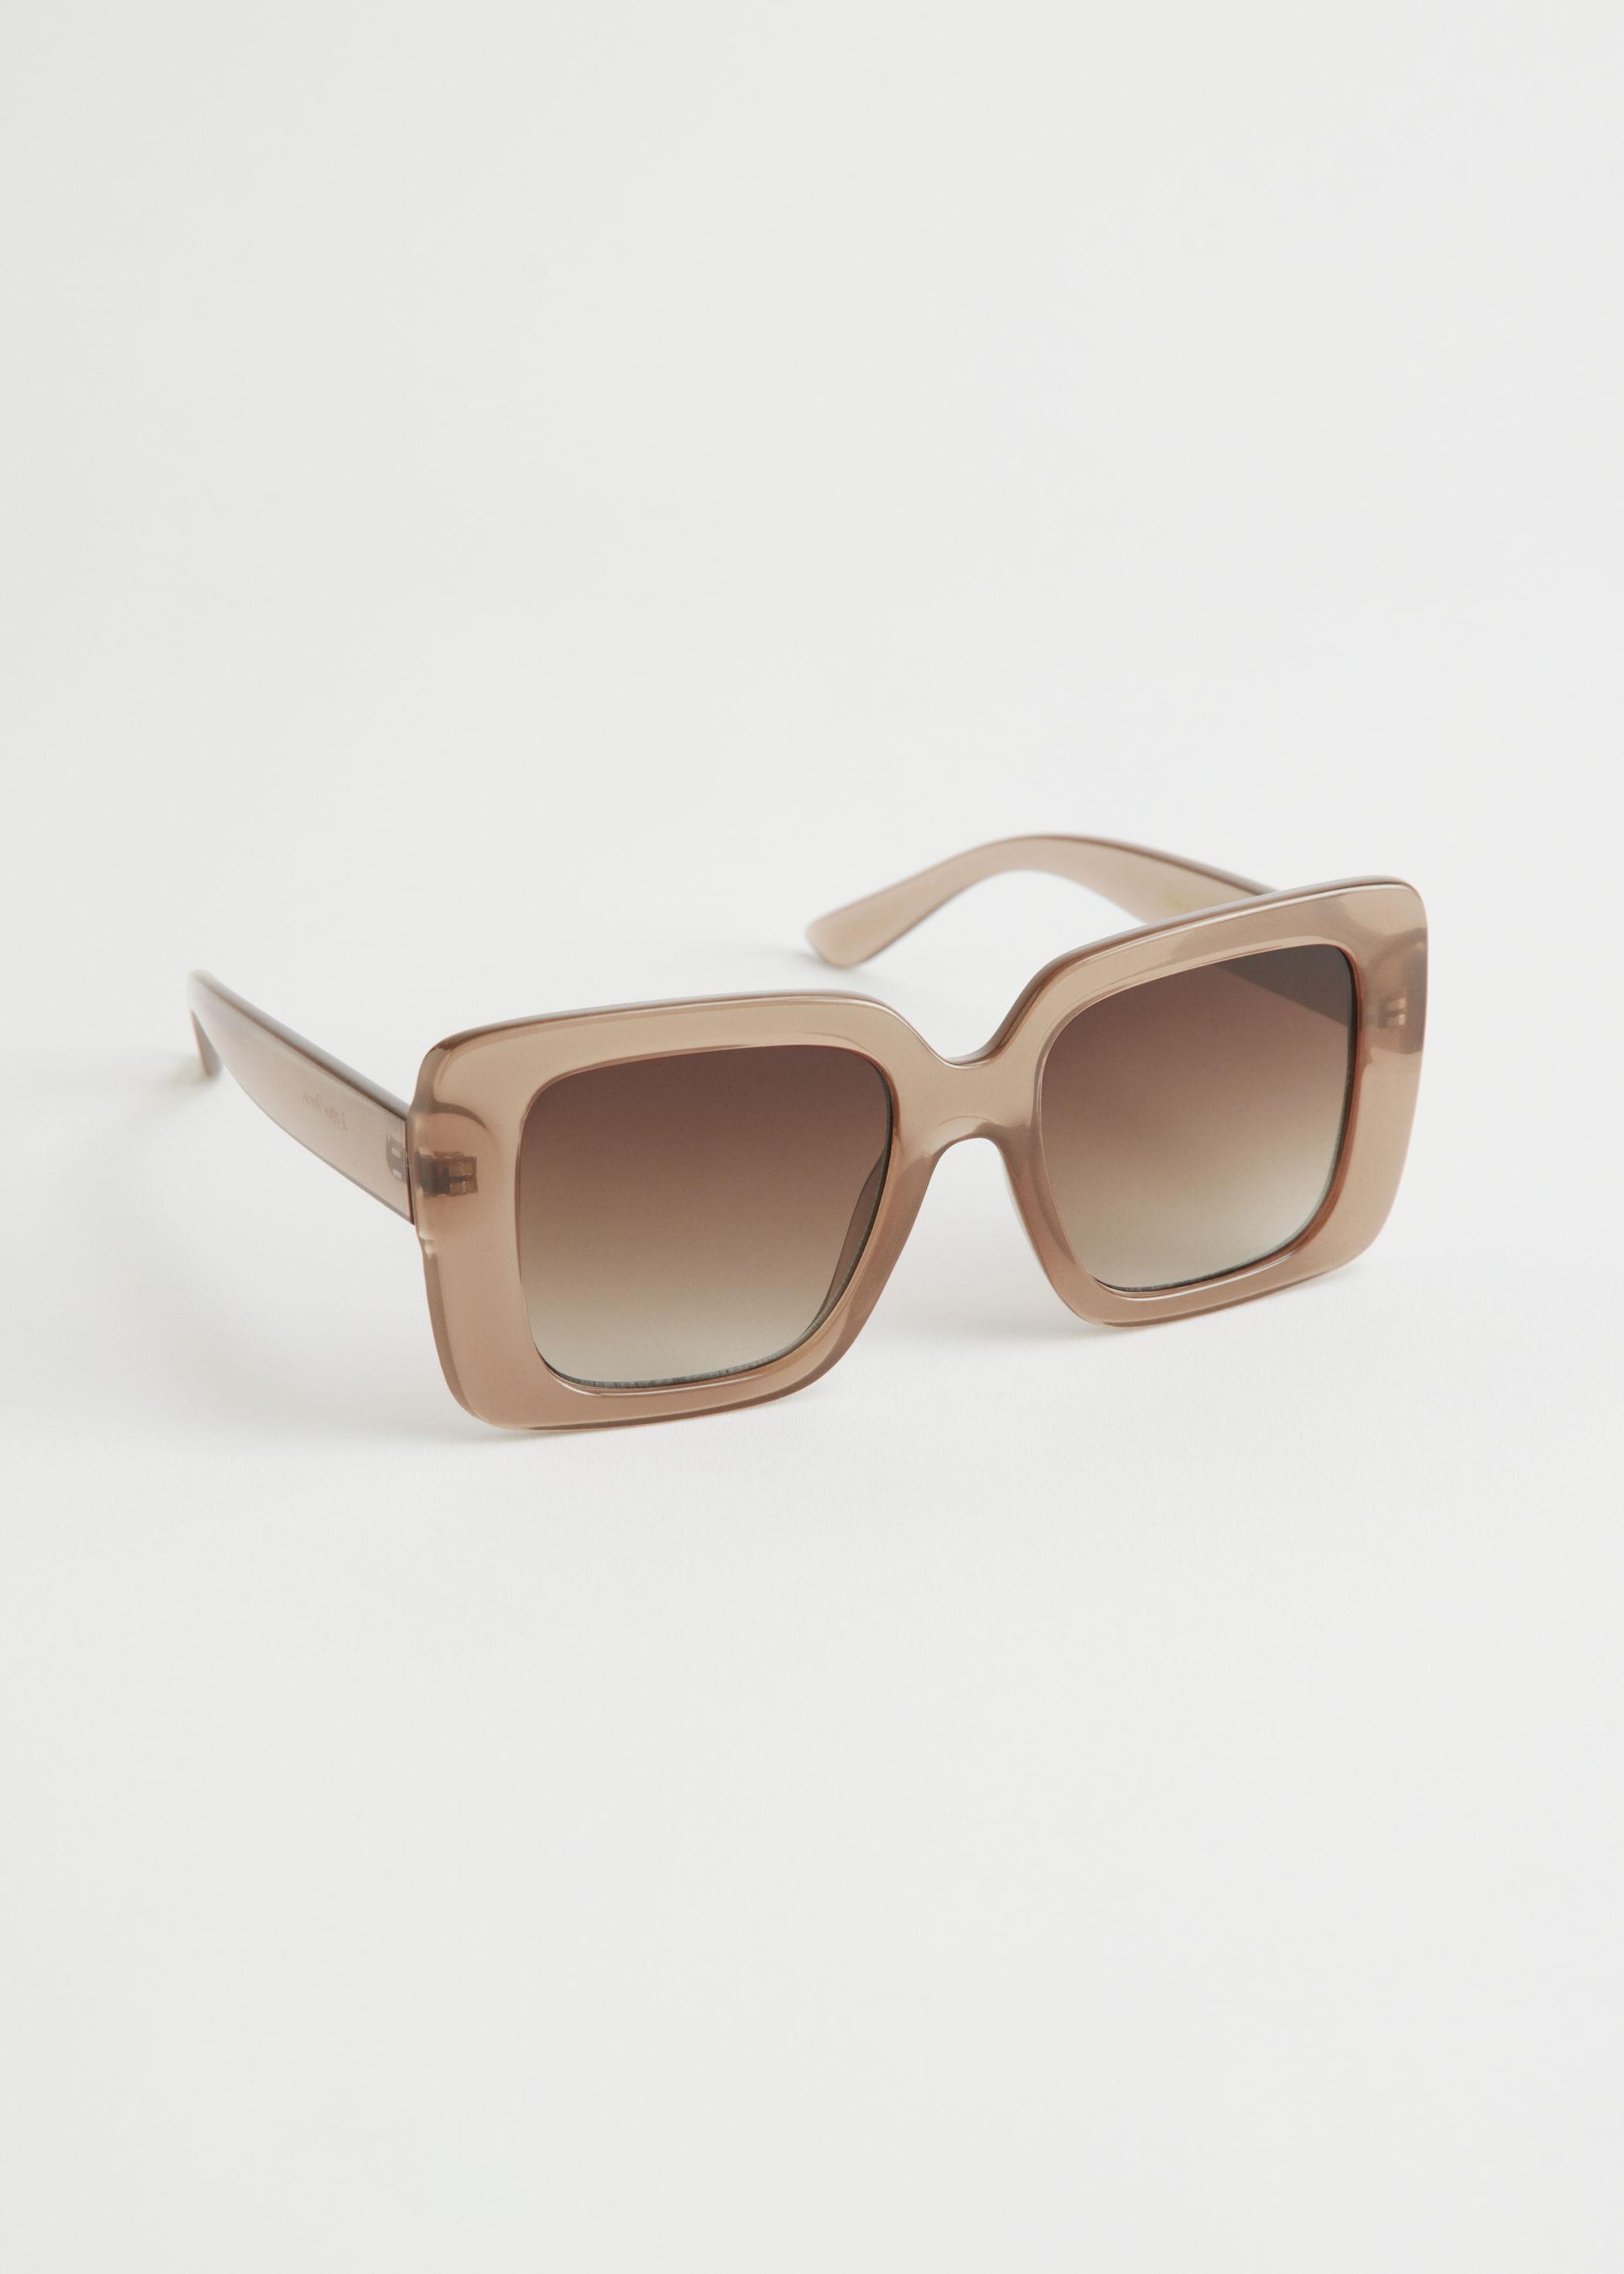 앤 아더 스토리즈 스퀘어 프레임 오버사이즈 선글라스 & OTHER STORIES Squared Frame Oversized Sunglasses,Beige